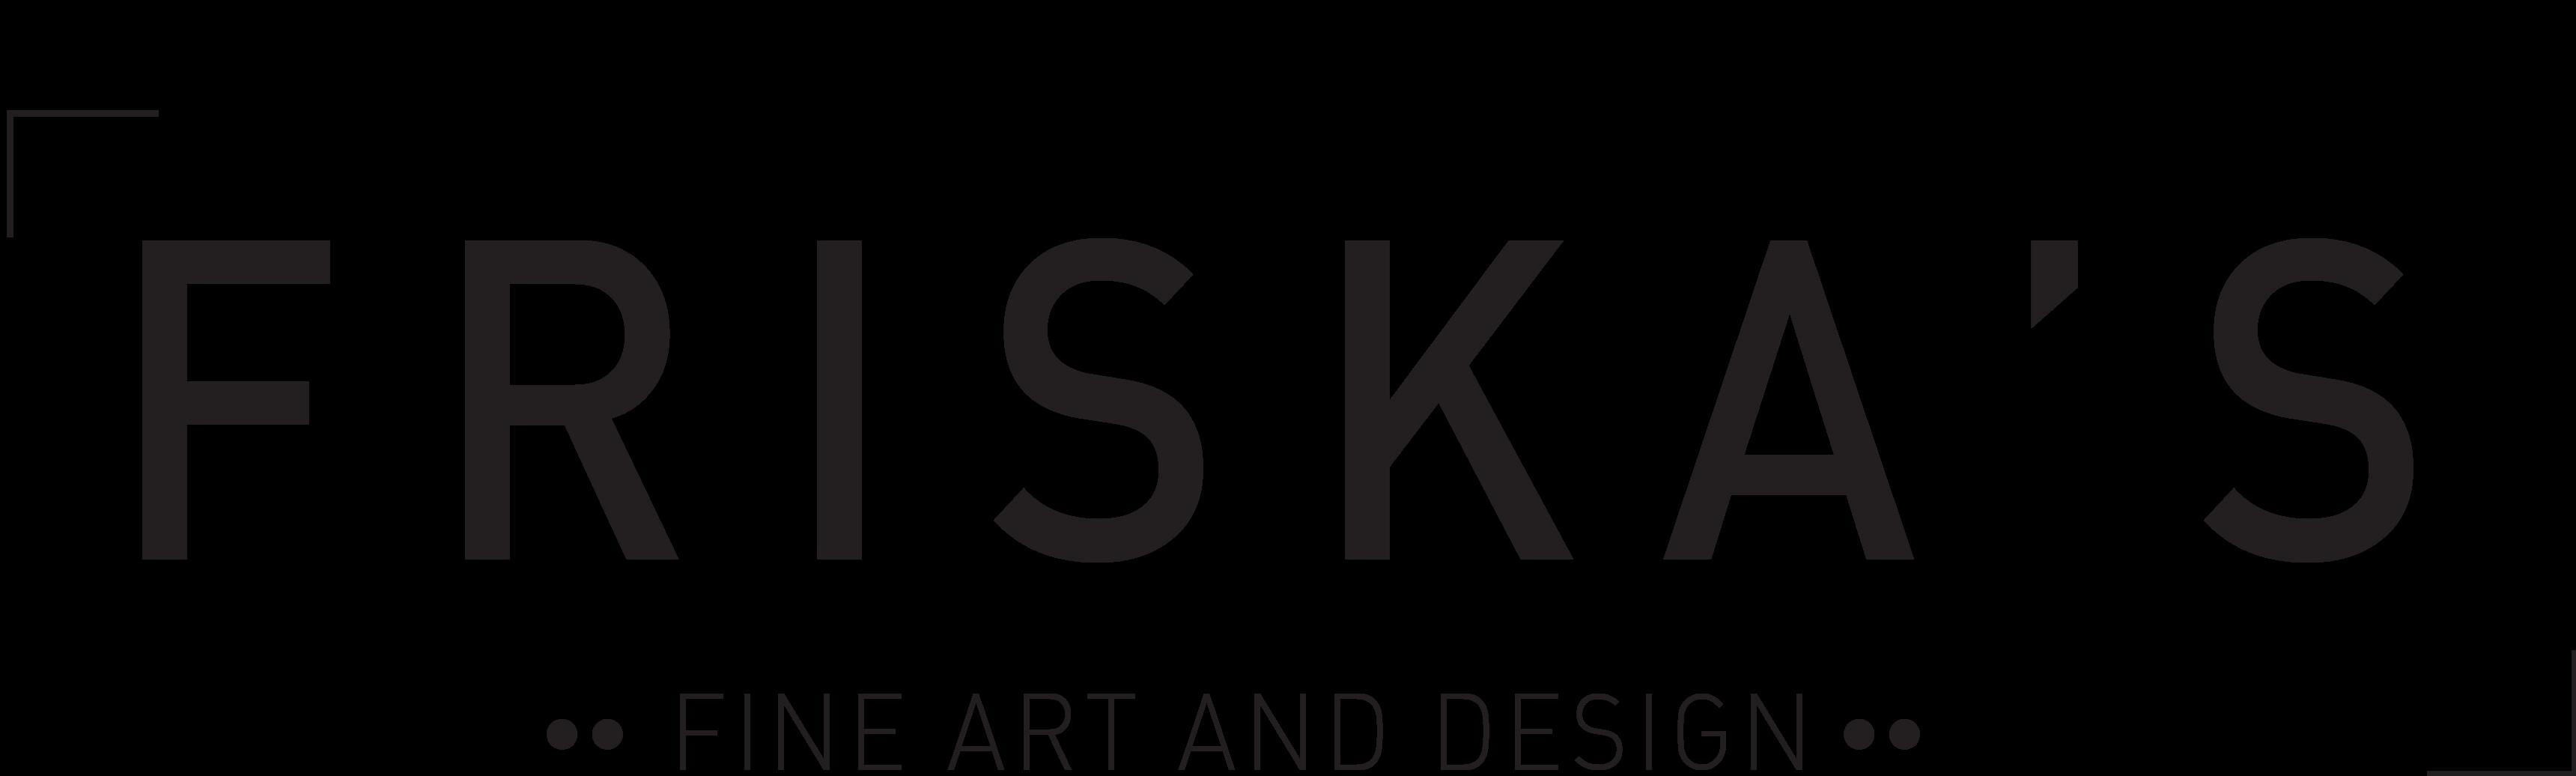 Friska Ginting logo